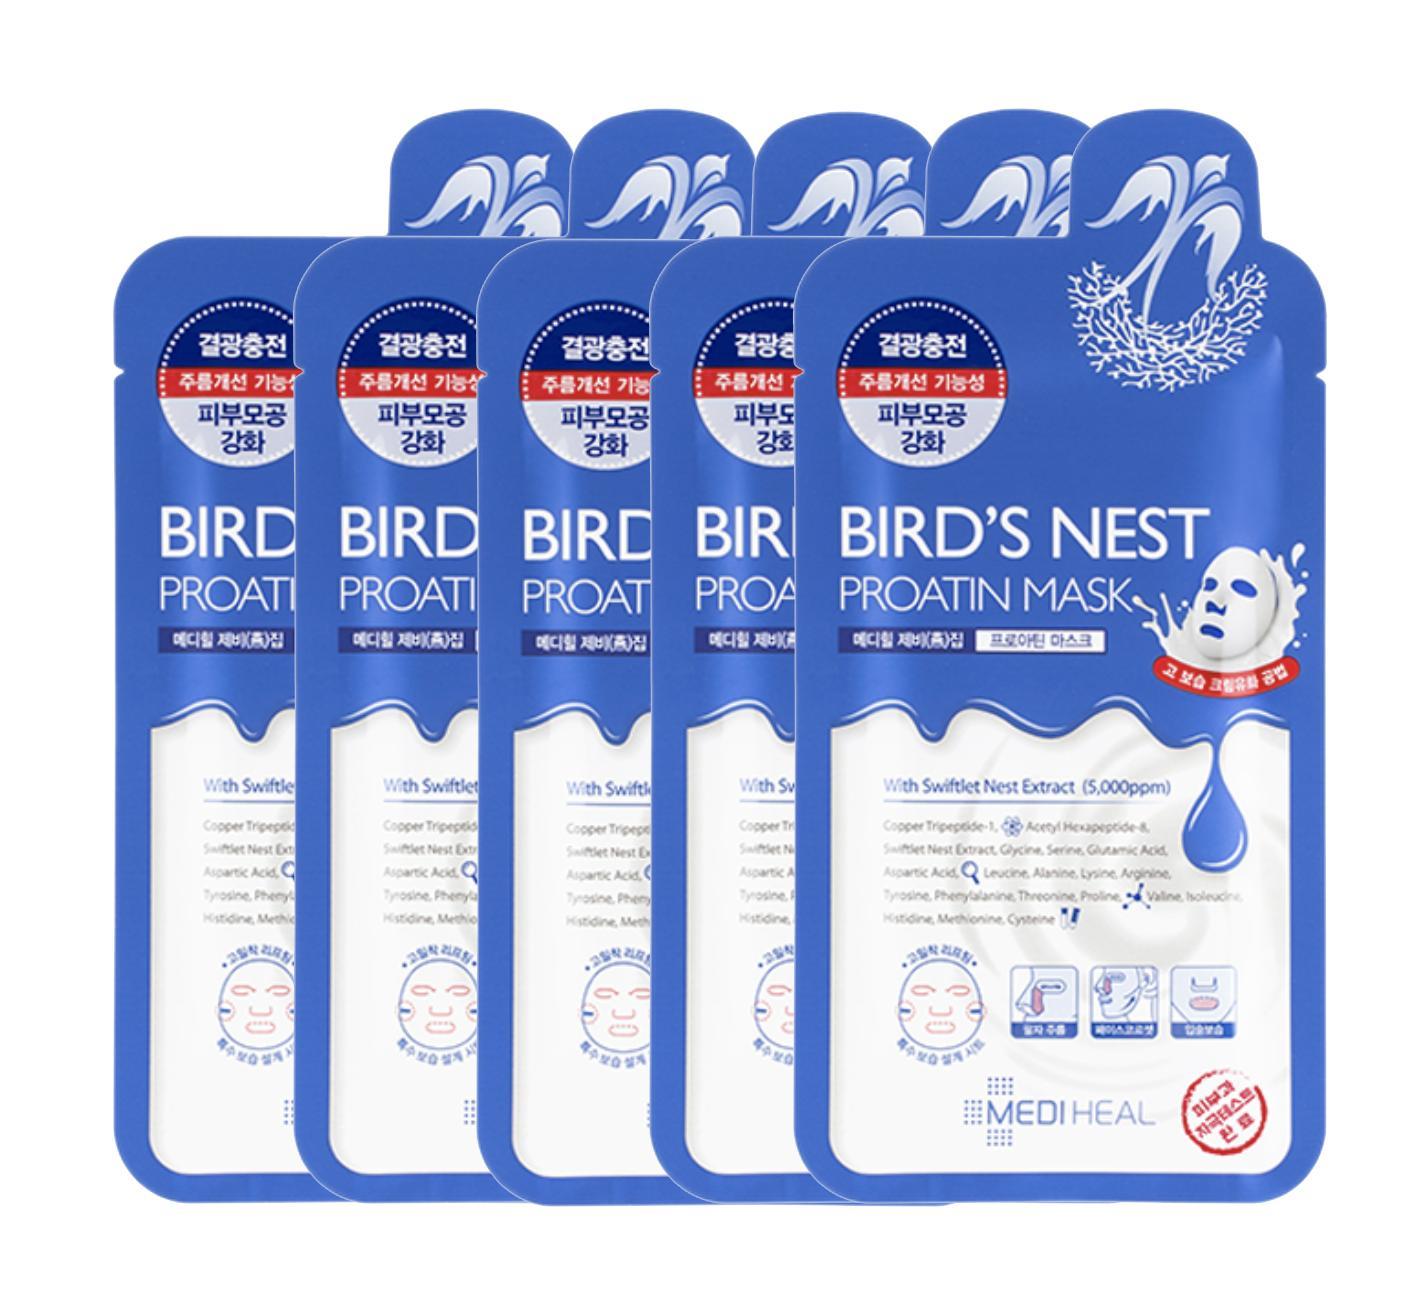 Combo 5 Mặt Nạ Chiết Xuất Từ Tổ Yến Giup Trẻ Hoa Lan Da Mediheal Birds Nest Proatin Mask 27Ml X5 Mediheal Rẻ Trong Hồ Chí Minh